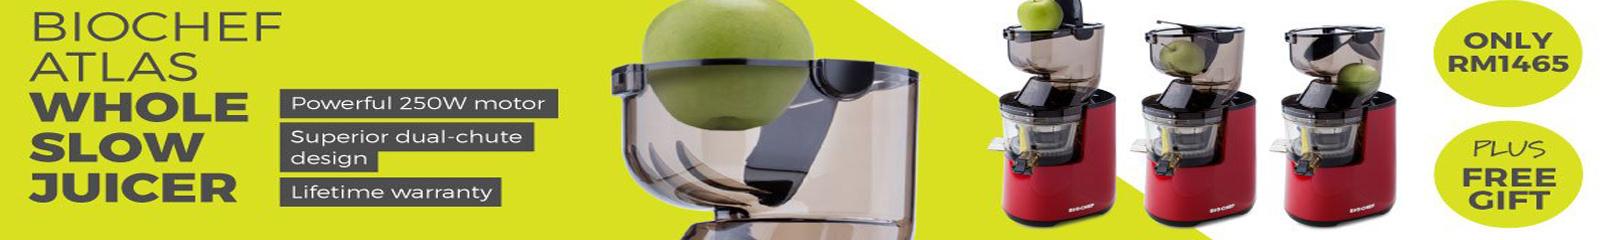 máy ép trái cây: Máy Ép Trái Cây Kuvings B6000 Cao Cấp Chính Hãng